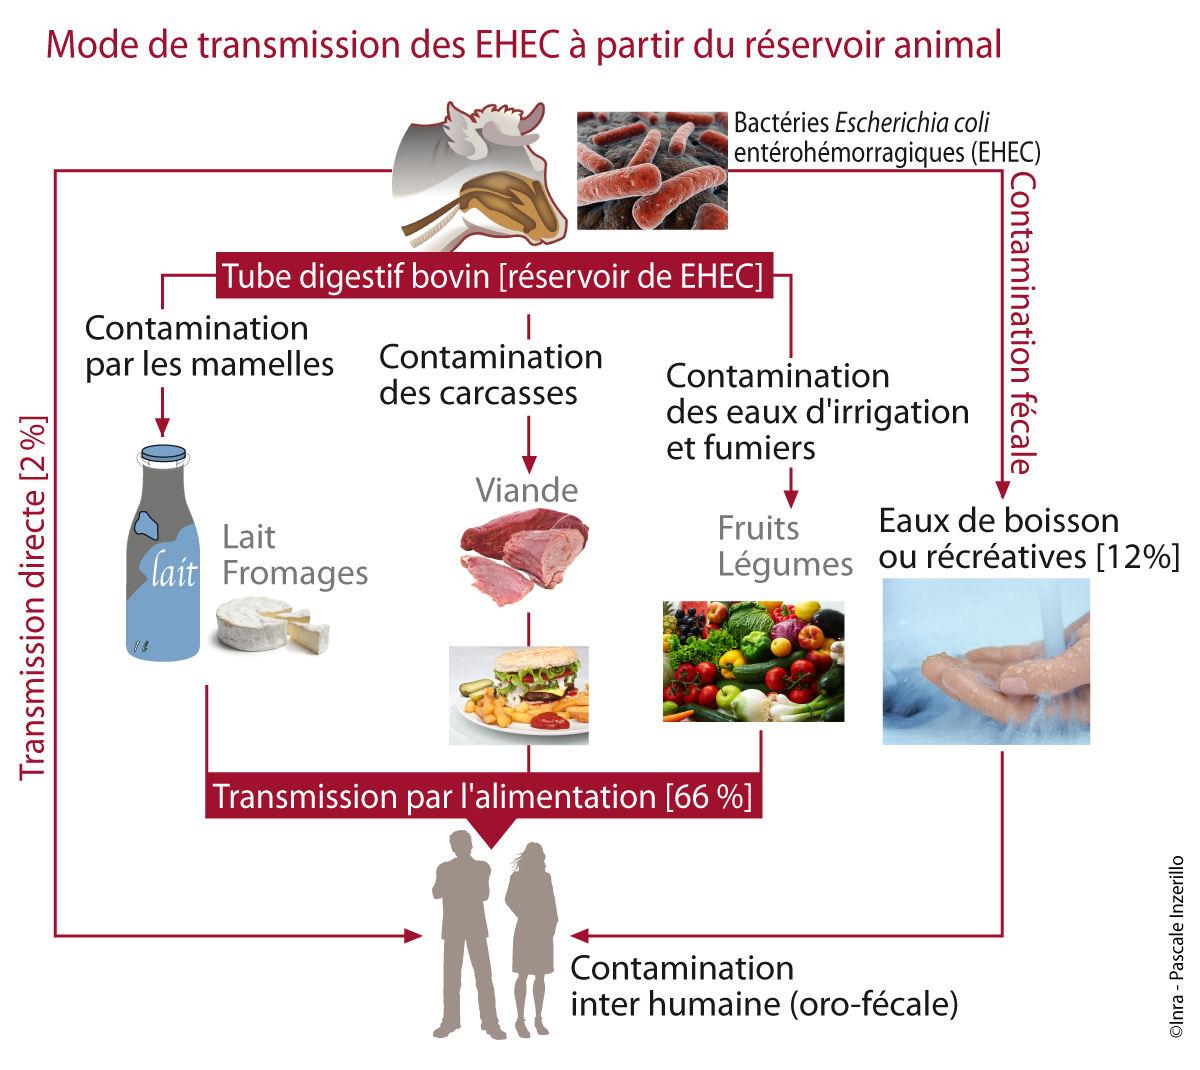 Diagramme Modes de transmission des EHEC à partir du réservoir animal